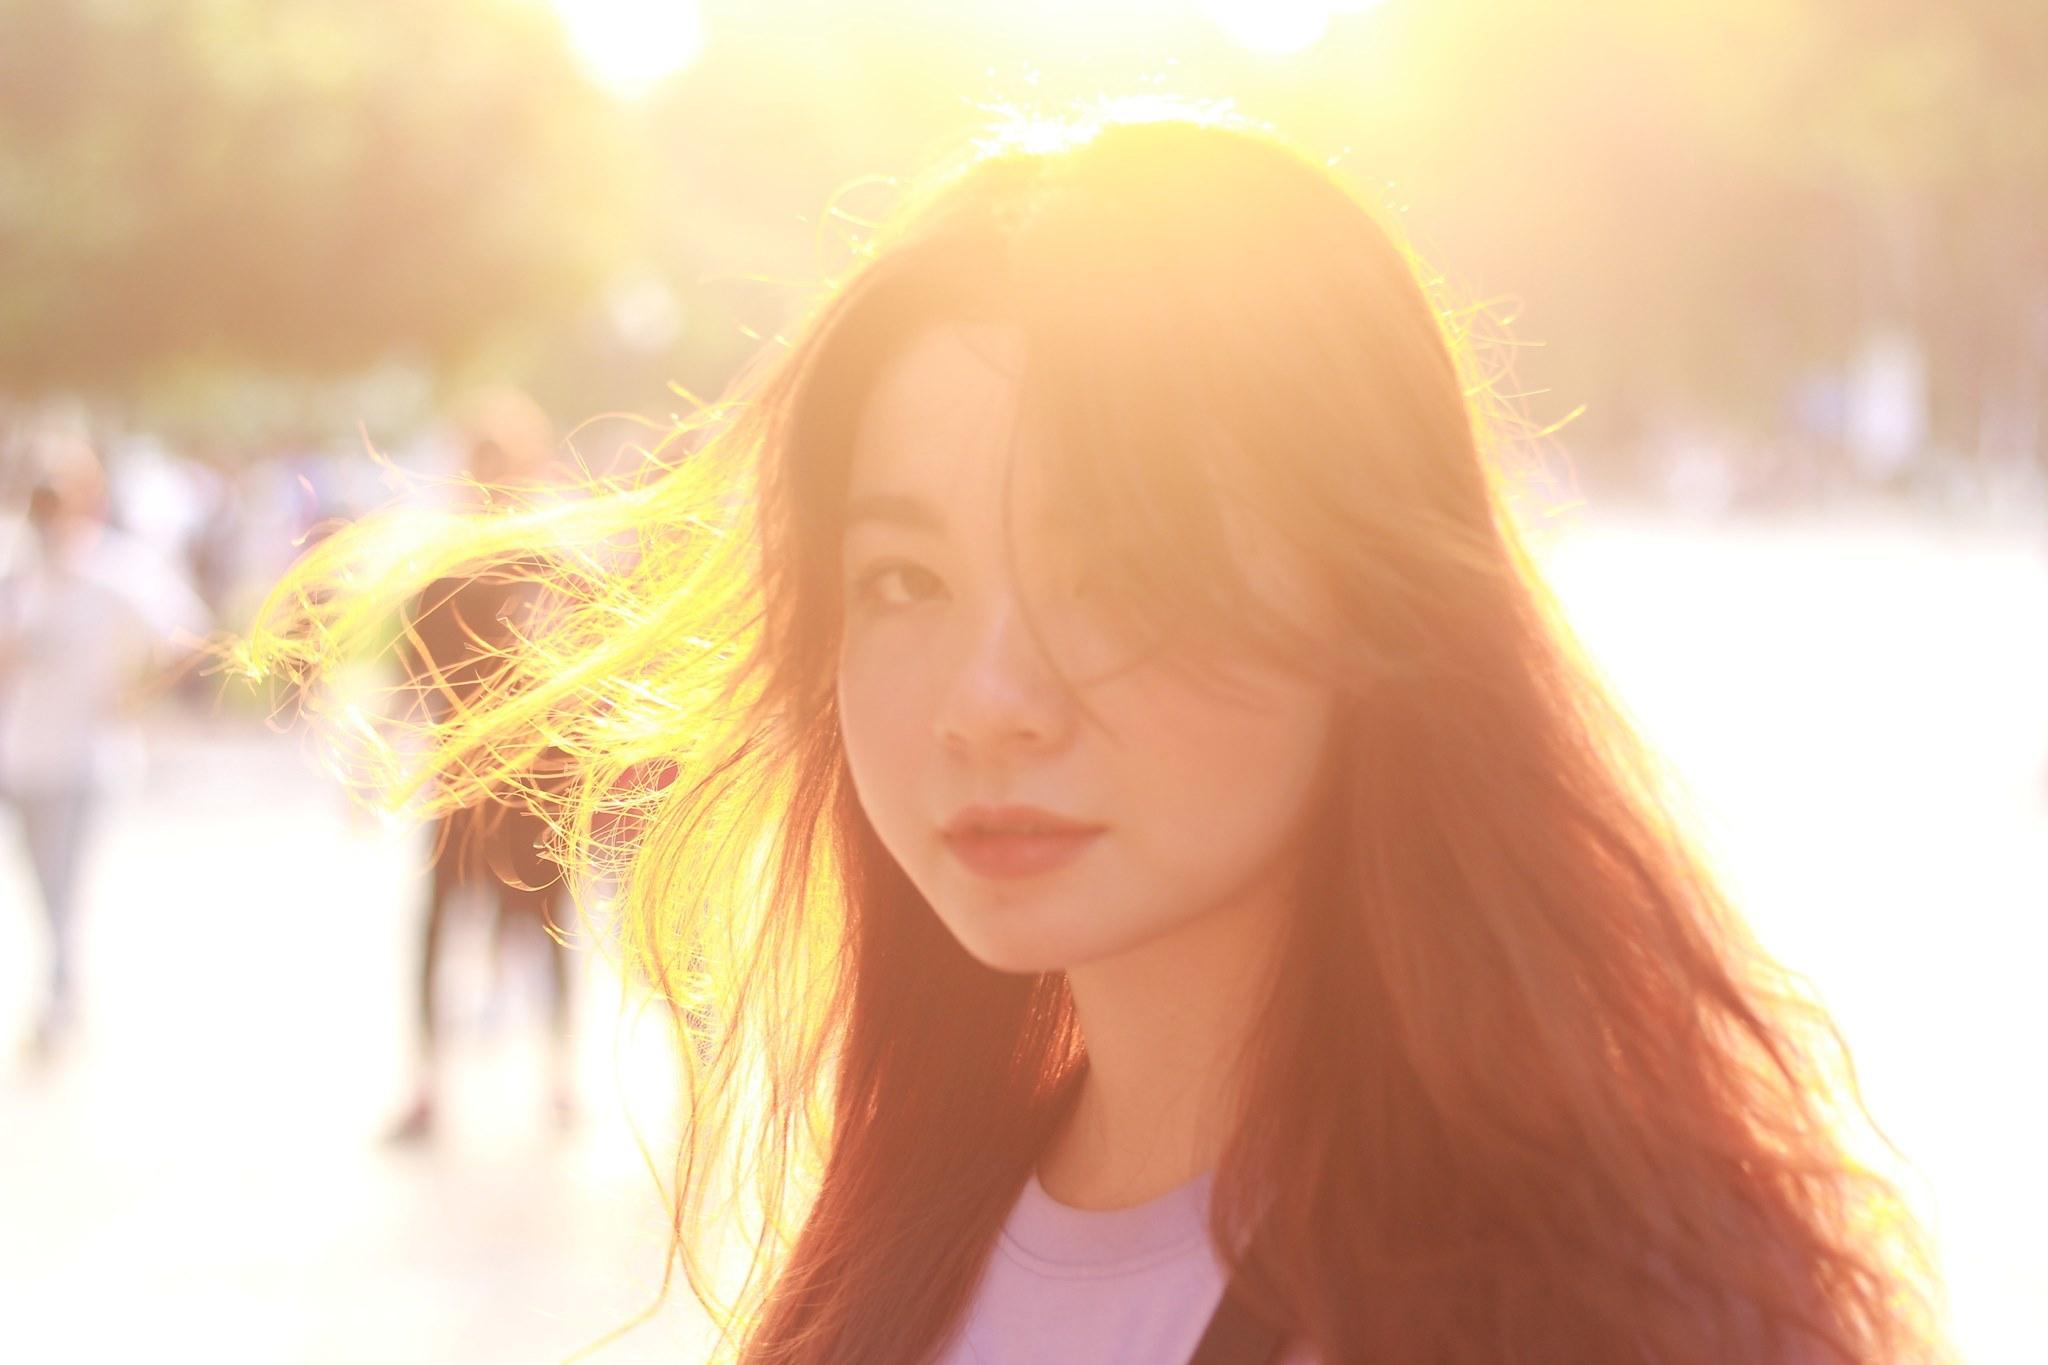 Soi Nguyễn 'Chị ong nâu': Được so sánh với ca sĩ Bảo Anh em vui lắm!